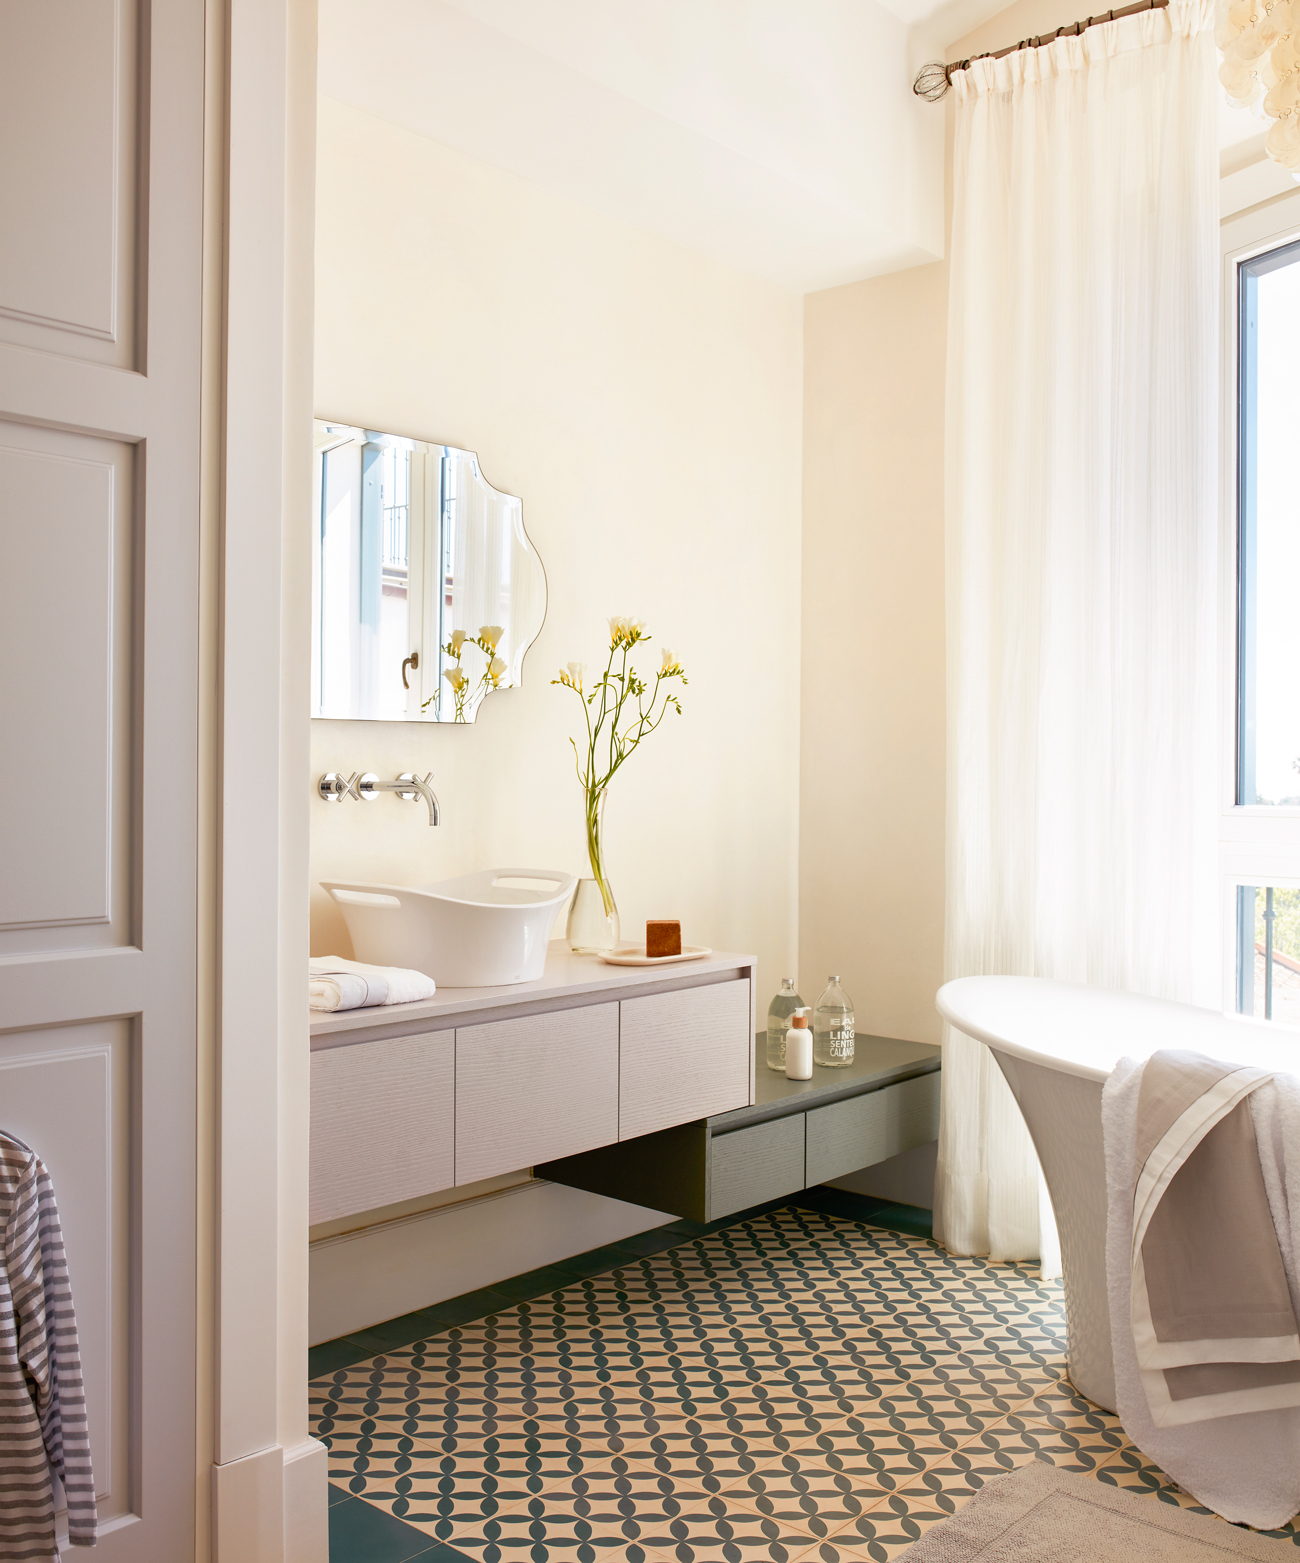 Интерьер ванной в пастельных тонах